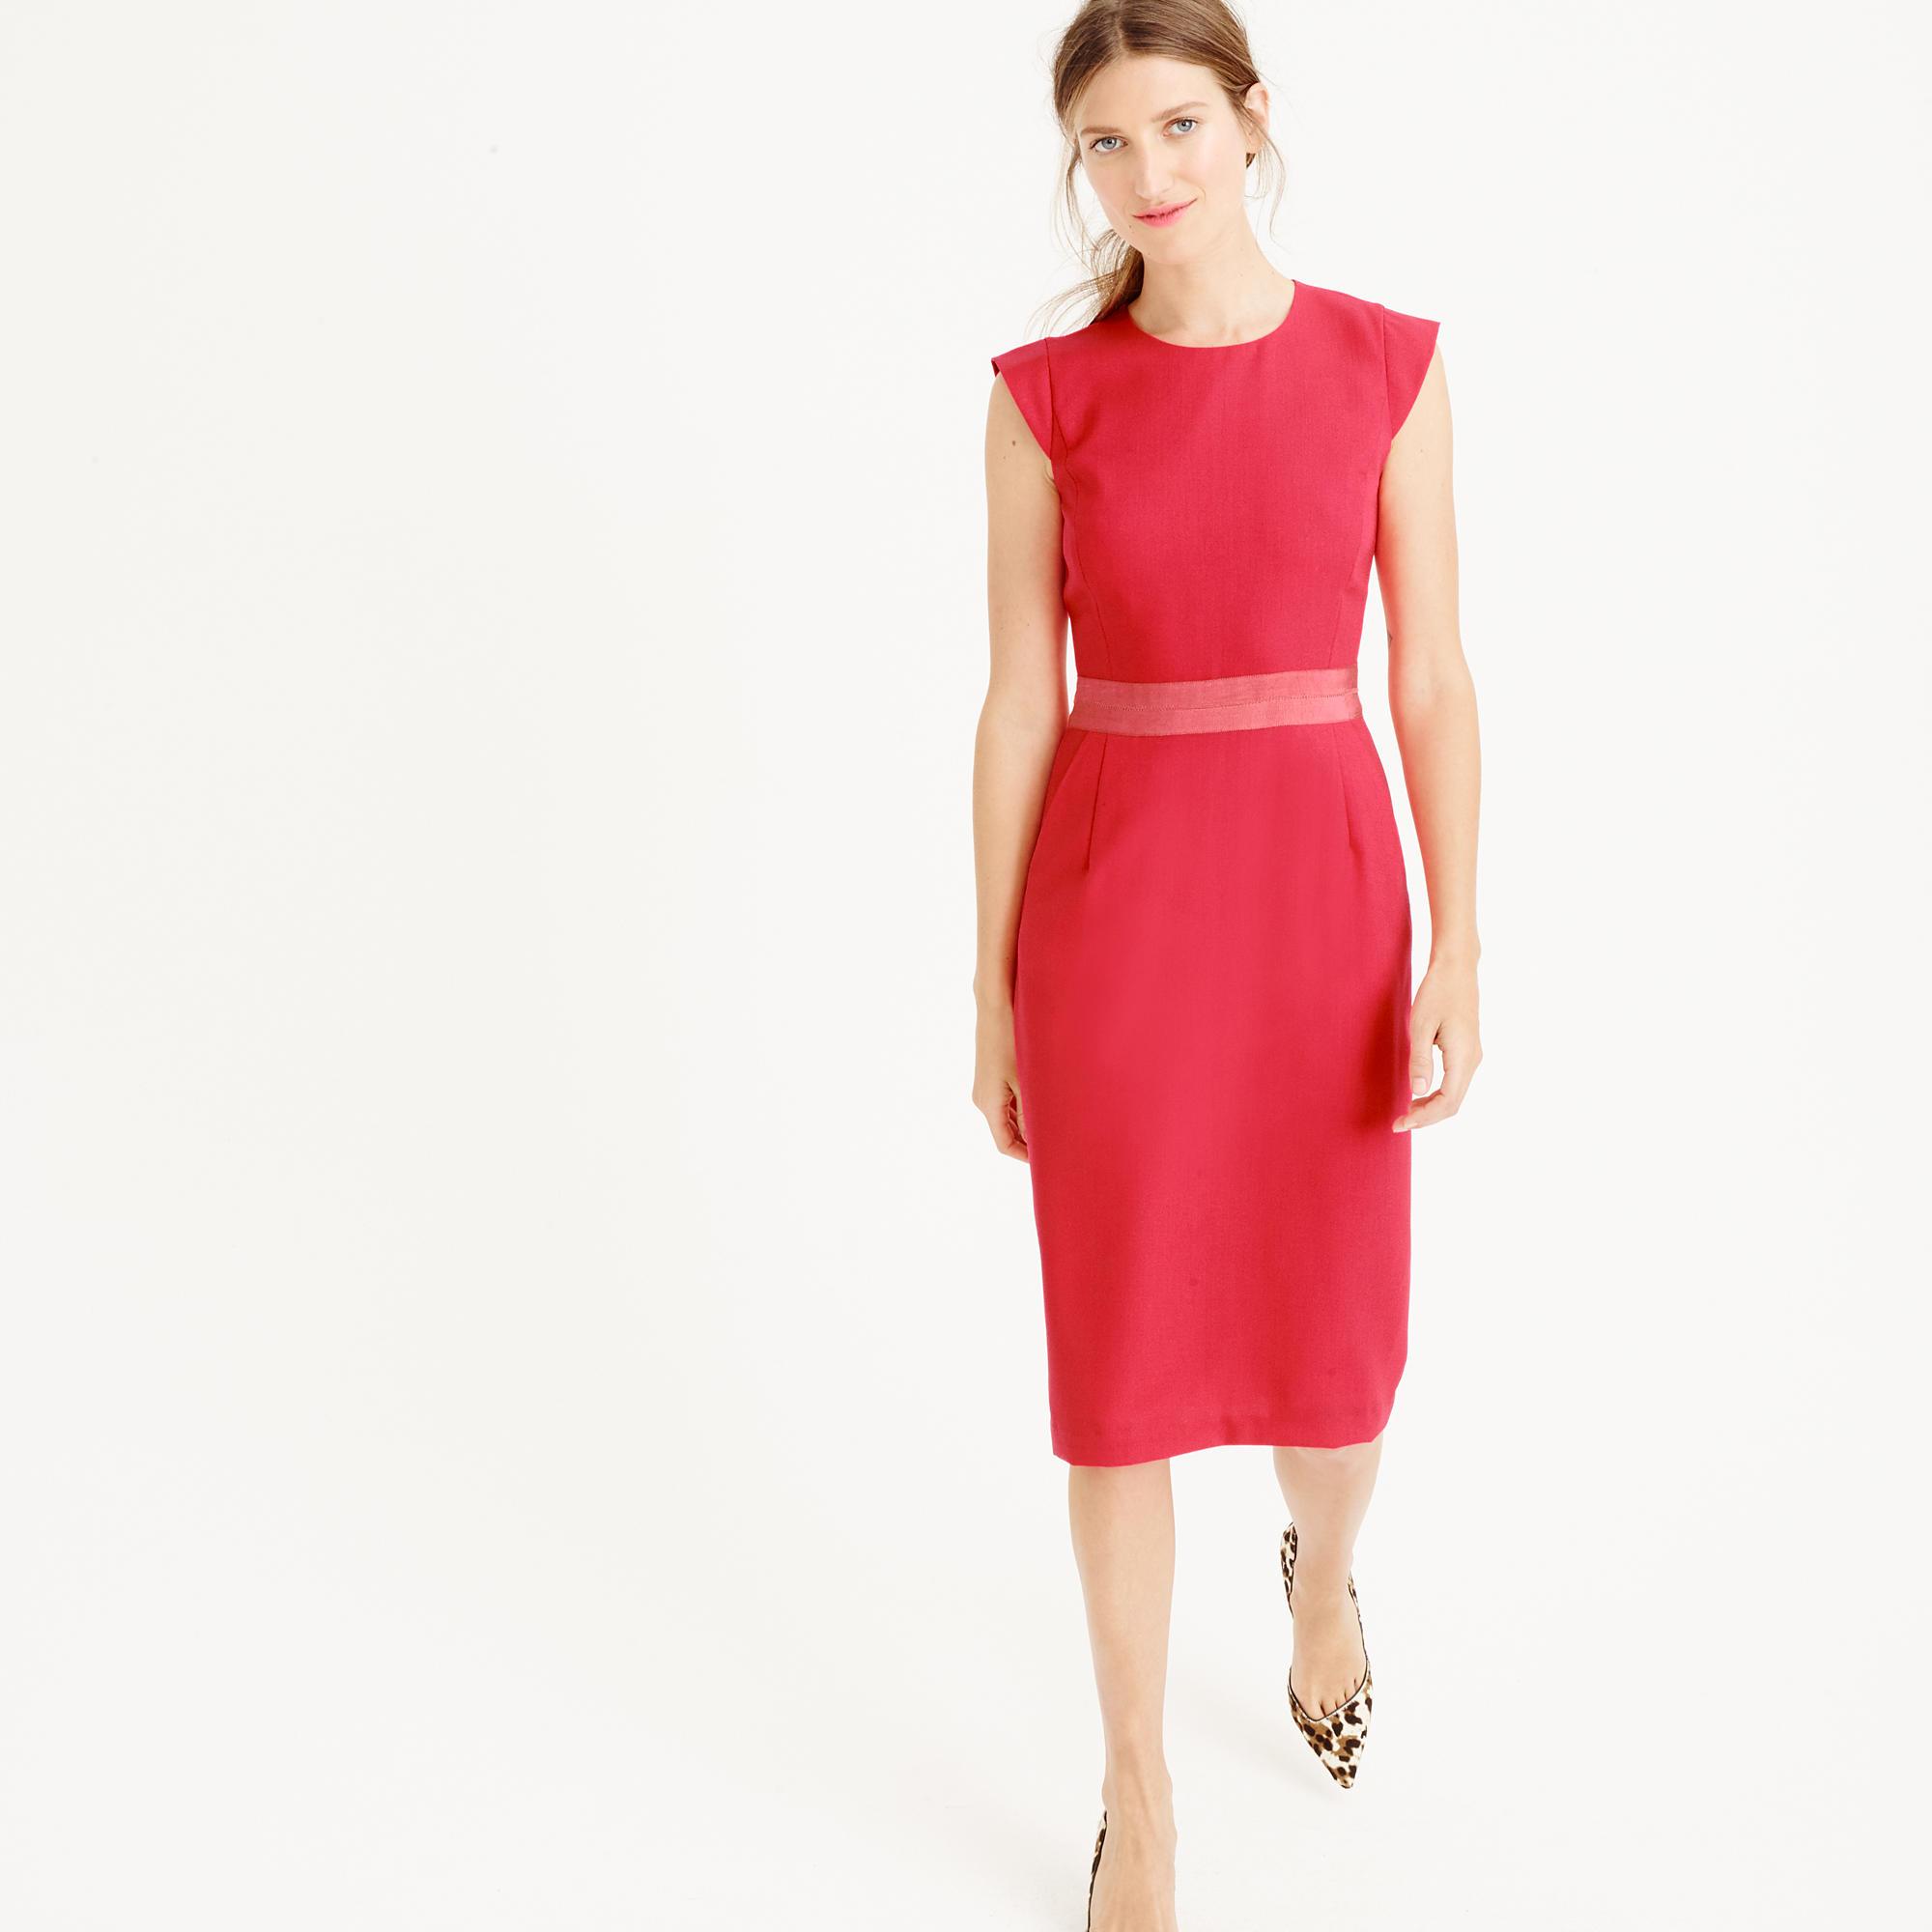 https://www.jcrew.com/womens_category/dresses/weartowork/PRDOVR~E4940/E4940.jsp?color_name=bright-rose